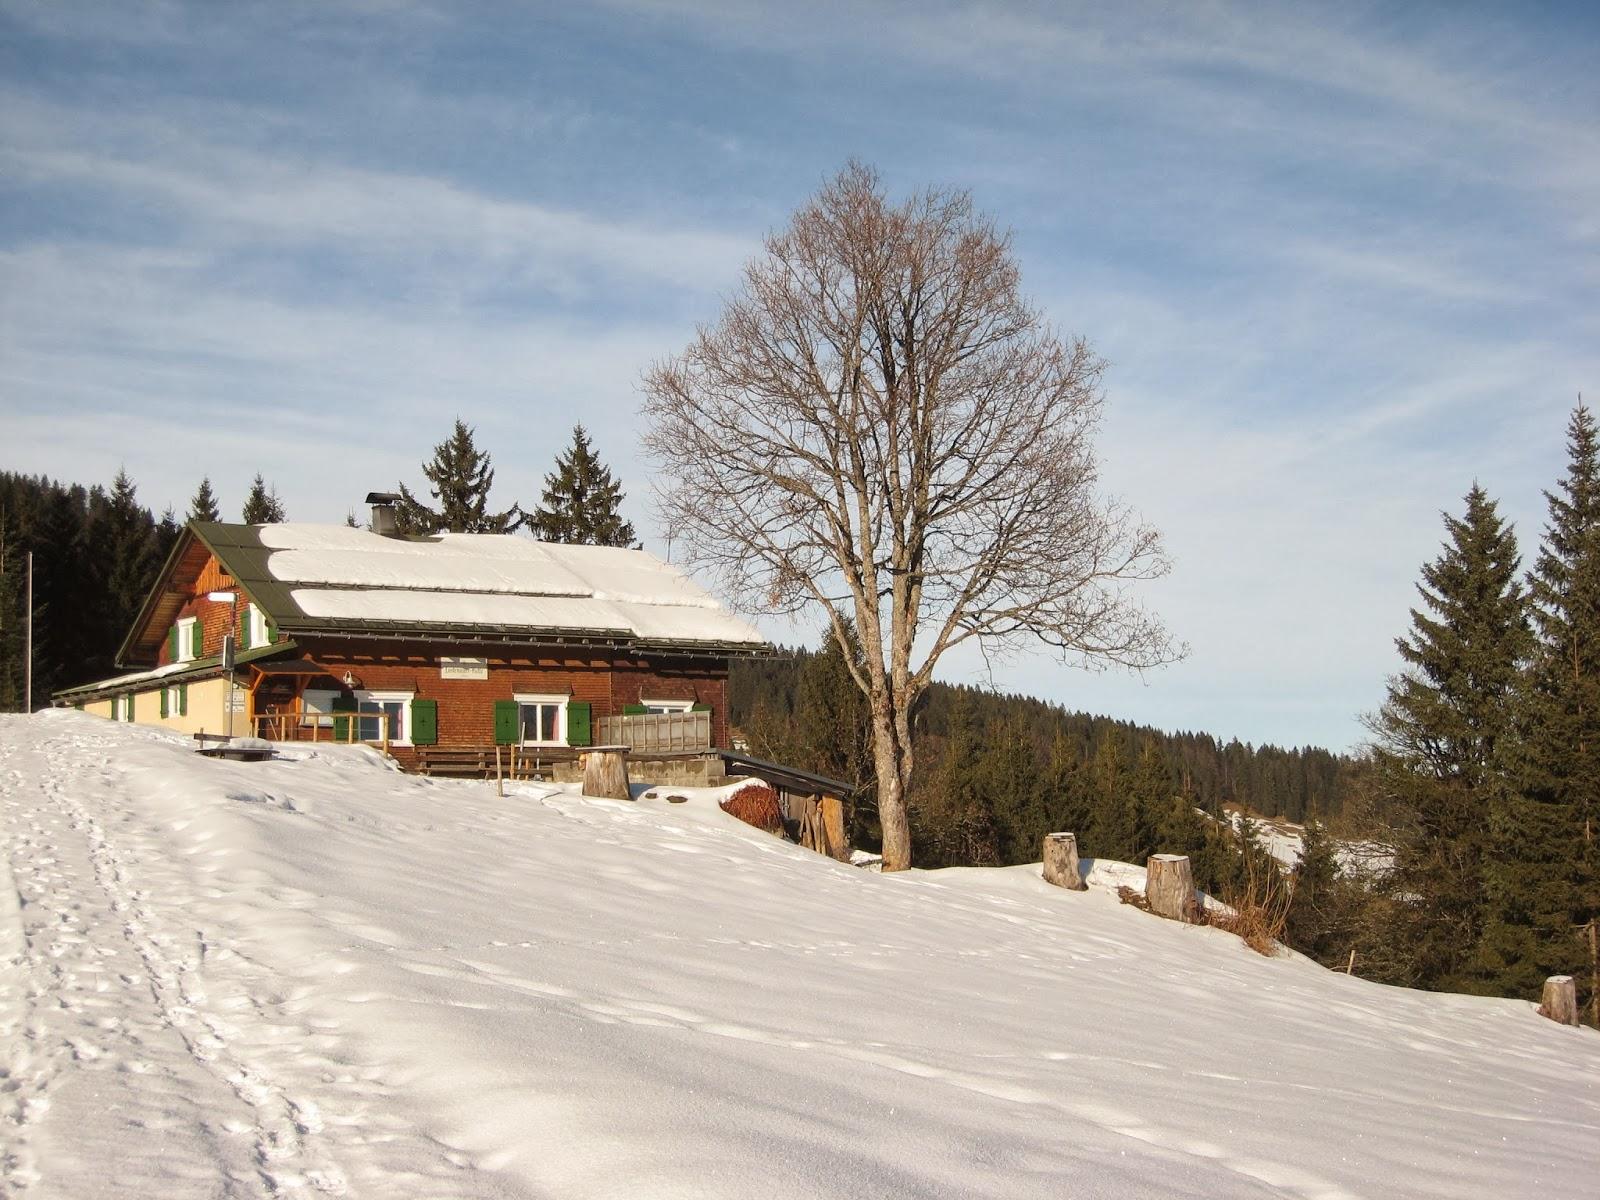 auf guten wegen andreas 39 outdoor blog winterwanderung b dele lustenauer h tte schwarzenberg. Black Bedroom Furniture Sets. Home Design Ideas